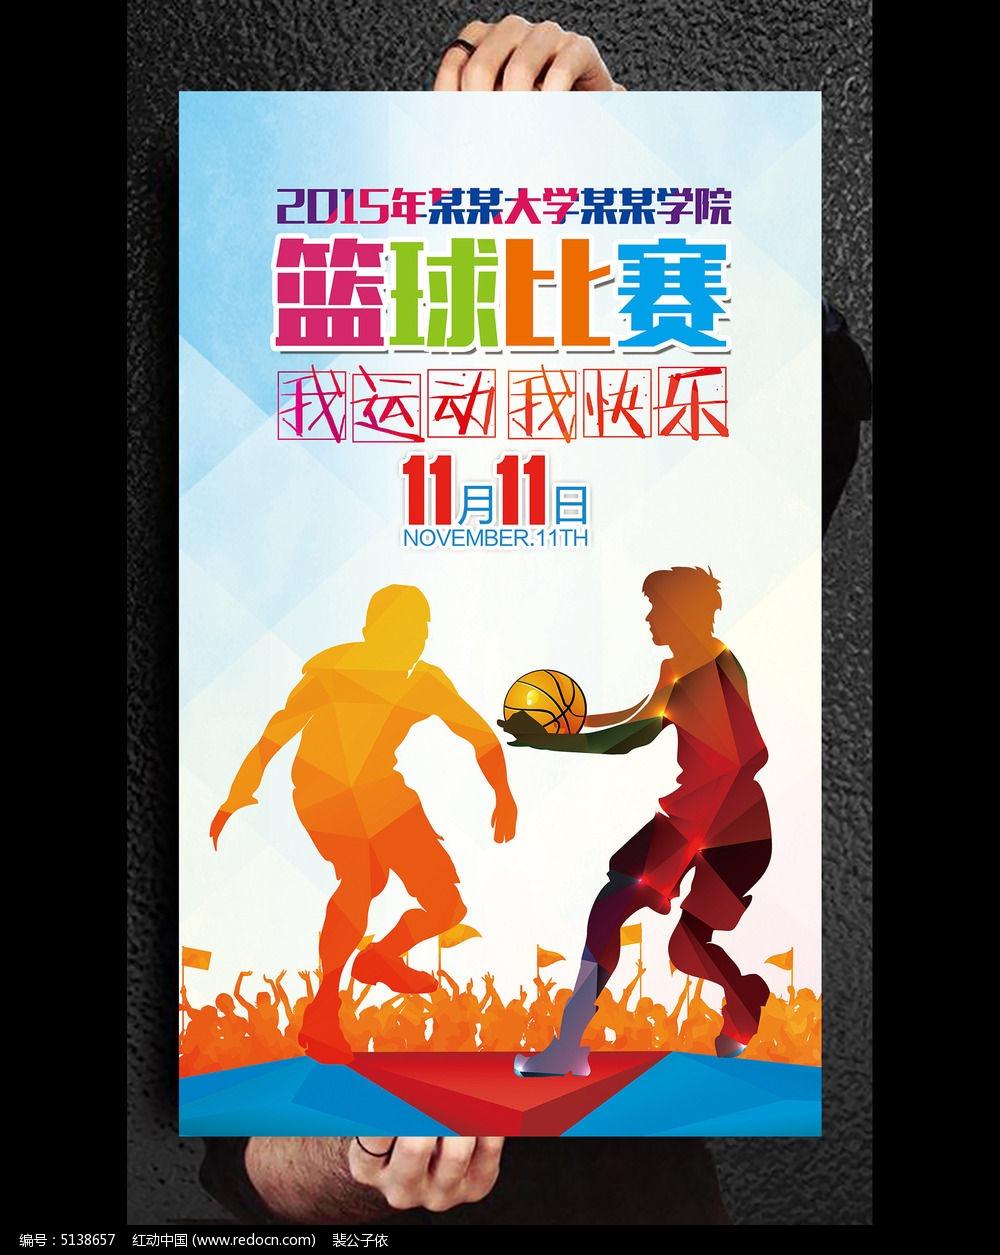 大学生篮球比赛海报设计